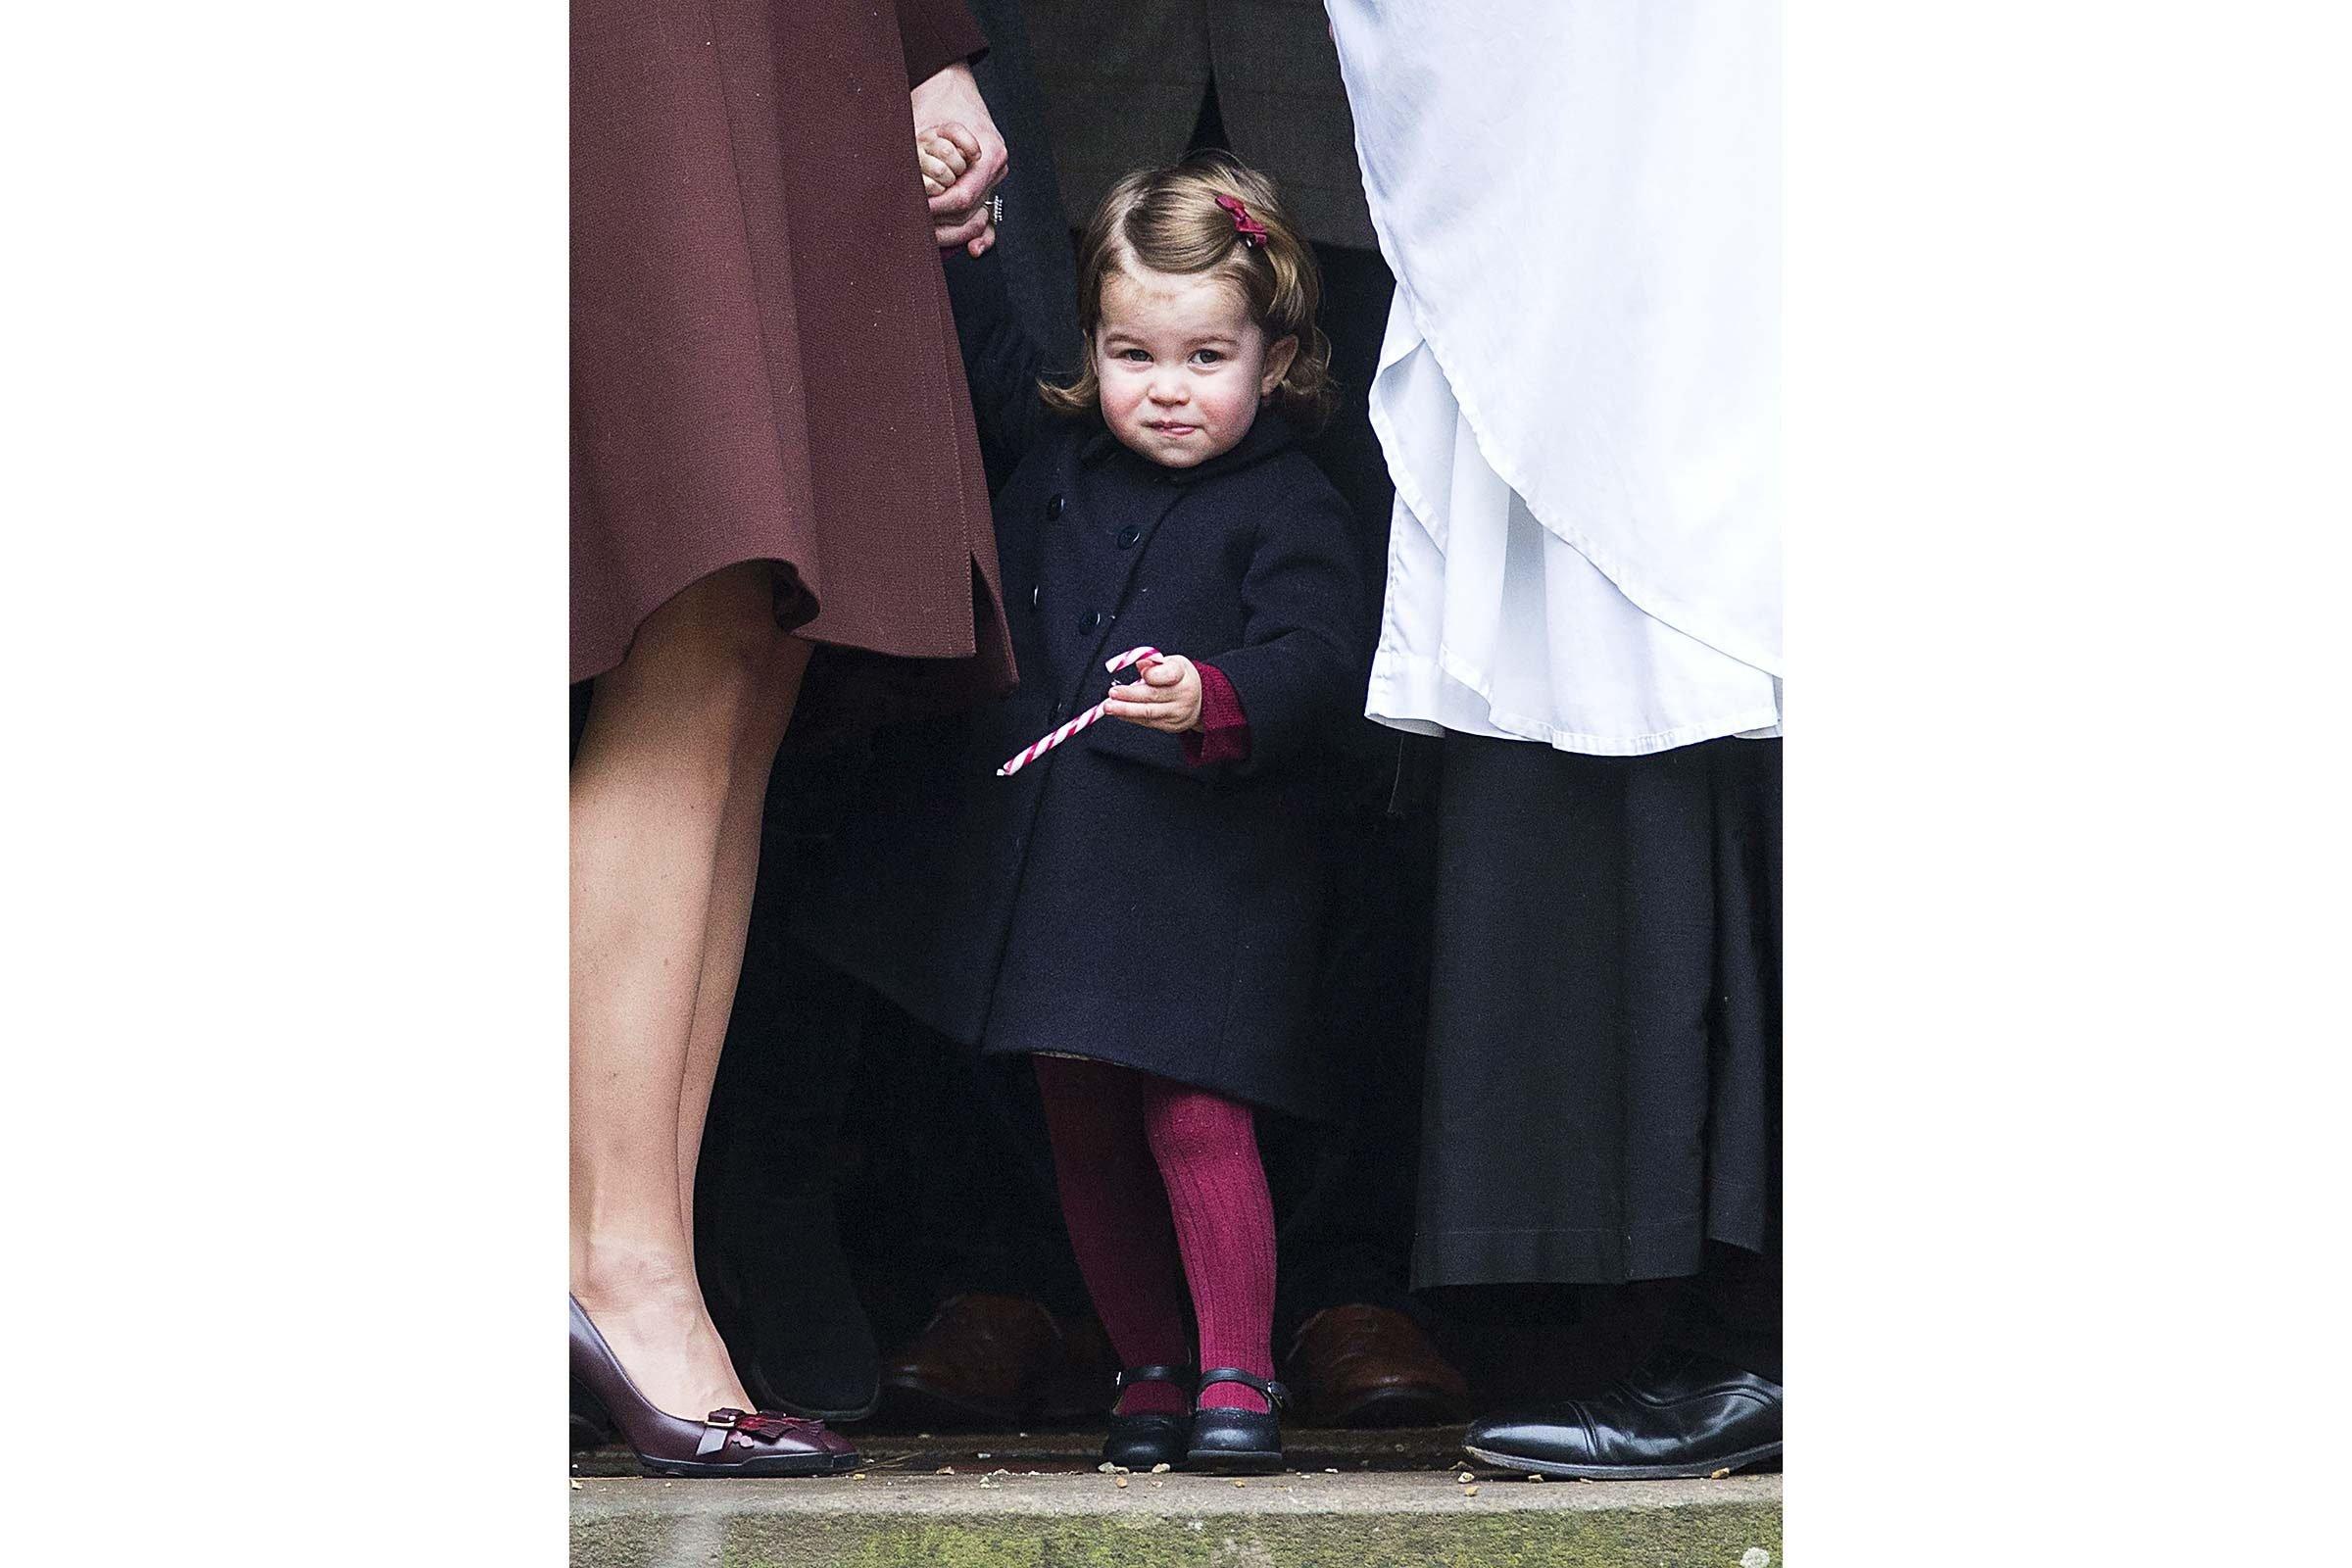 Une canne en sucre qui a rendu les mains de la Princesse Charlotte un peu collantes